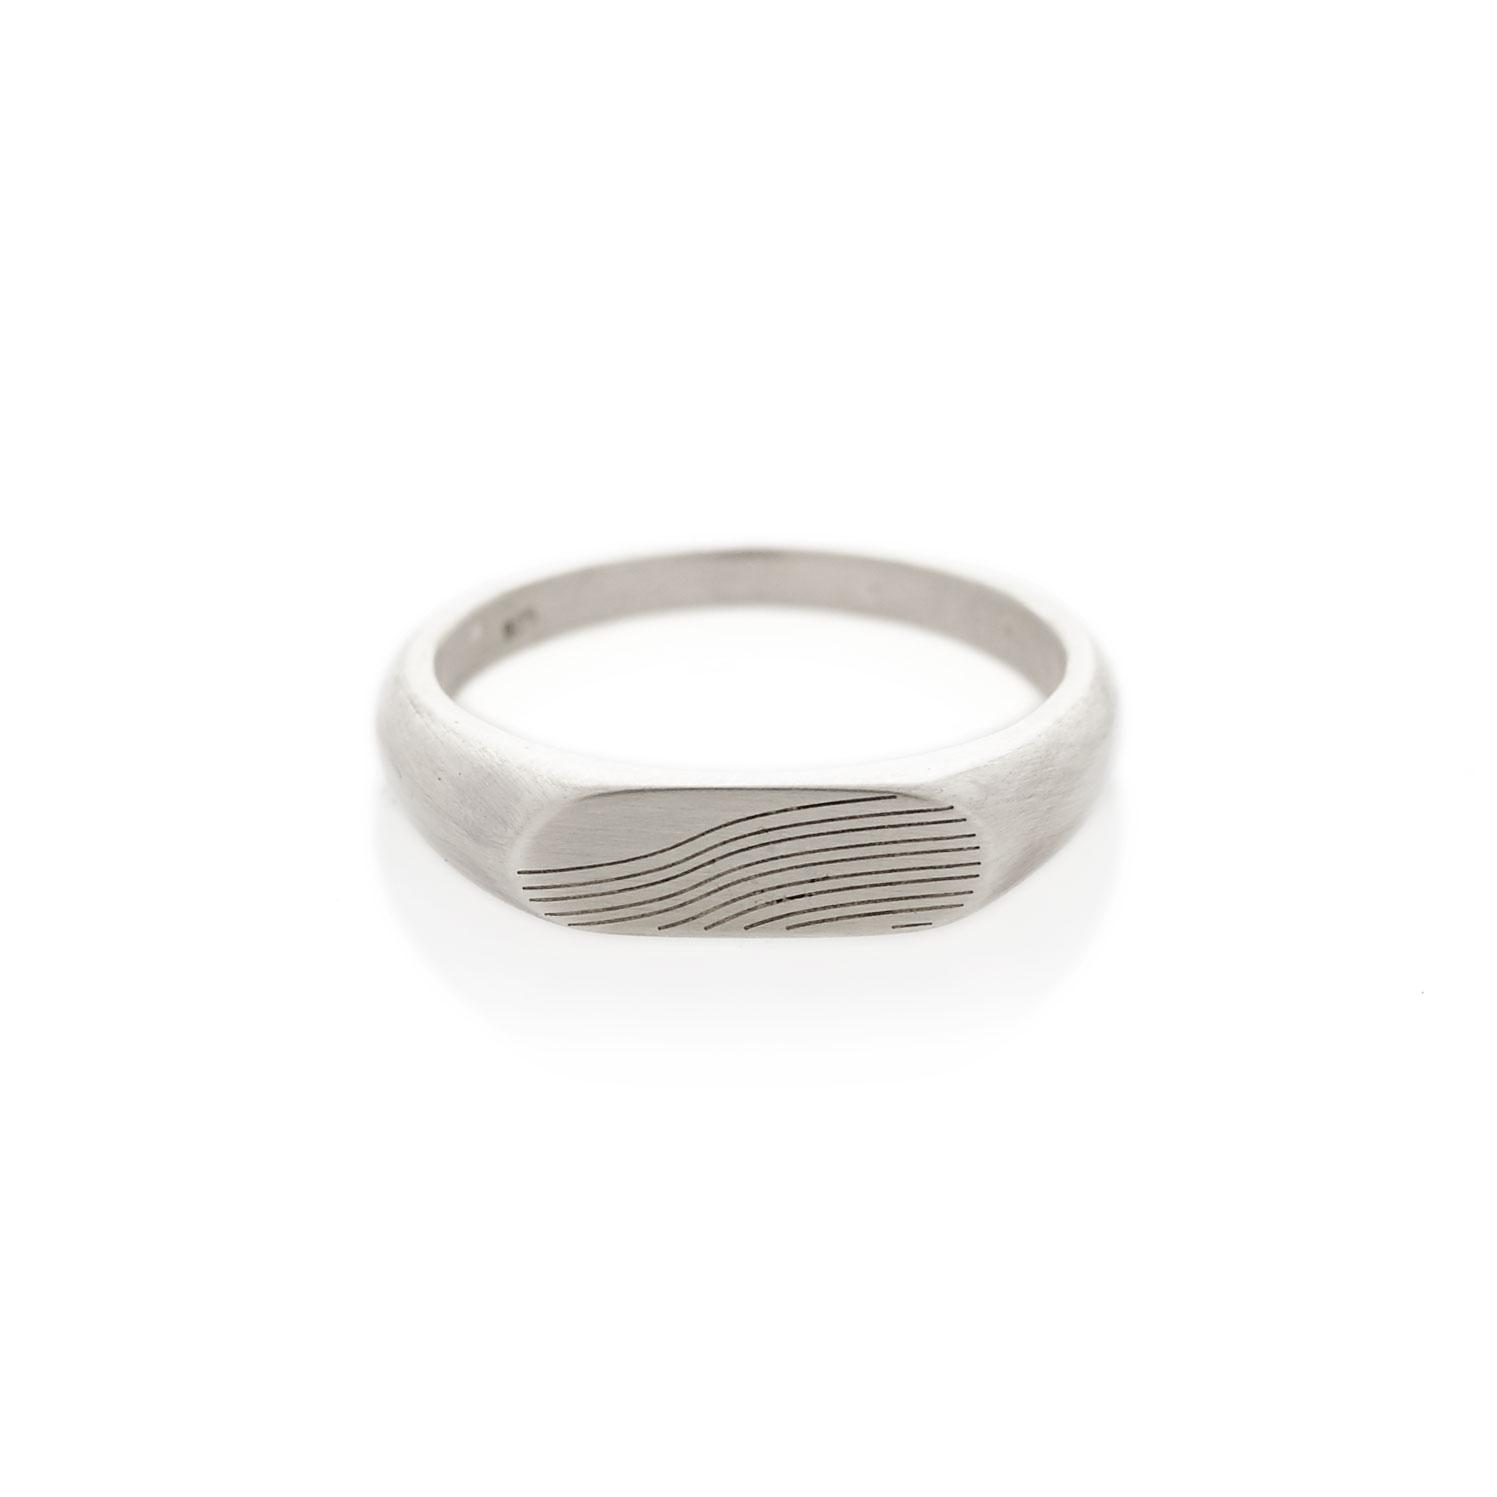 Slope silver landscape signet ring